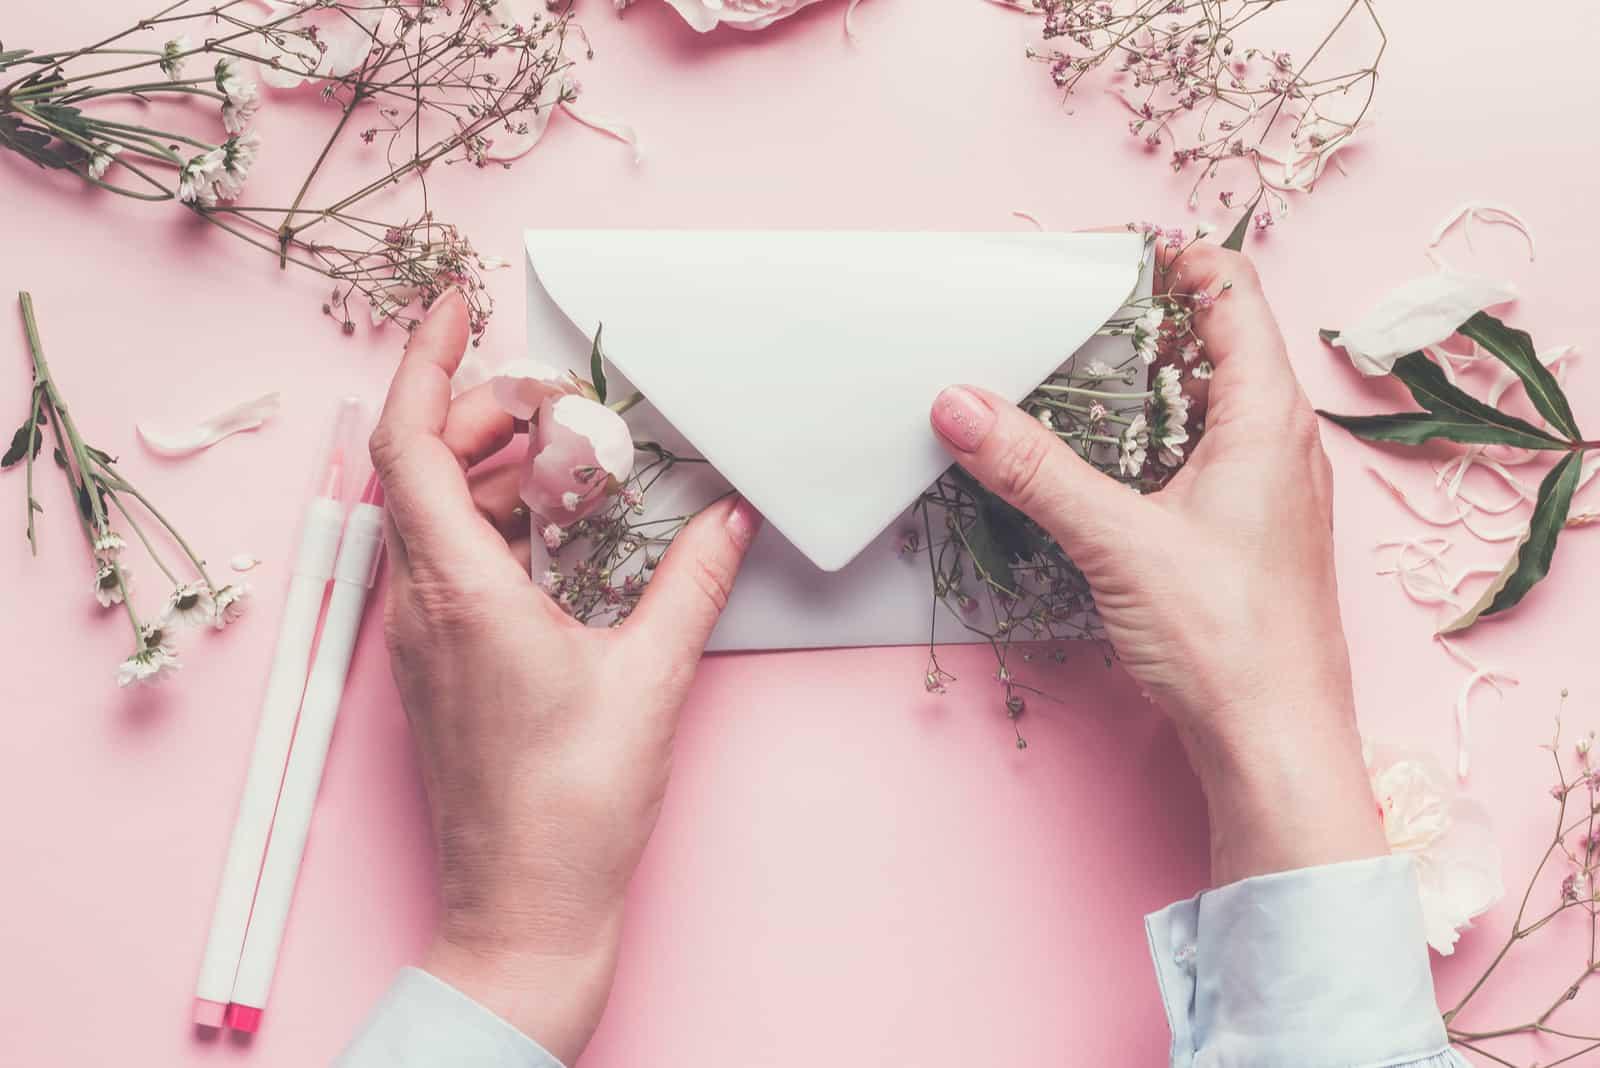 Frauenhände, die Papierumschlag mit Blumen gefüllt halten